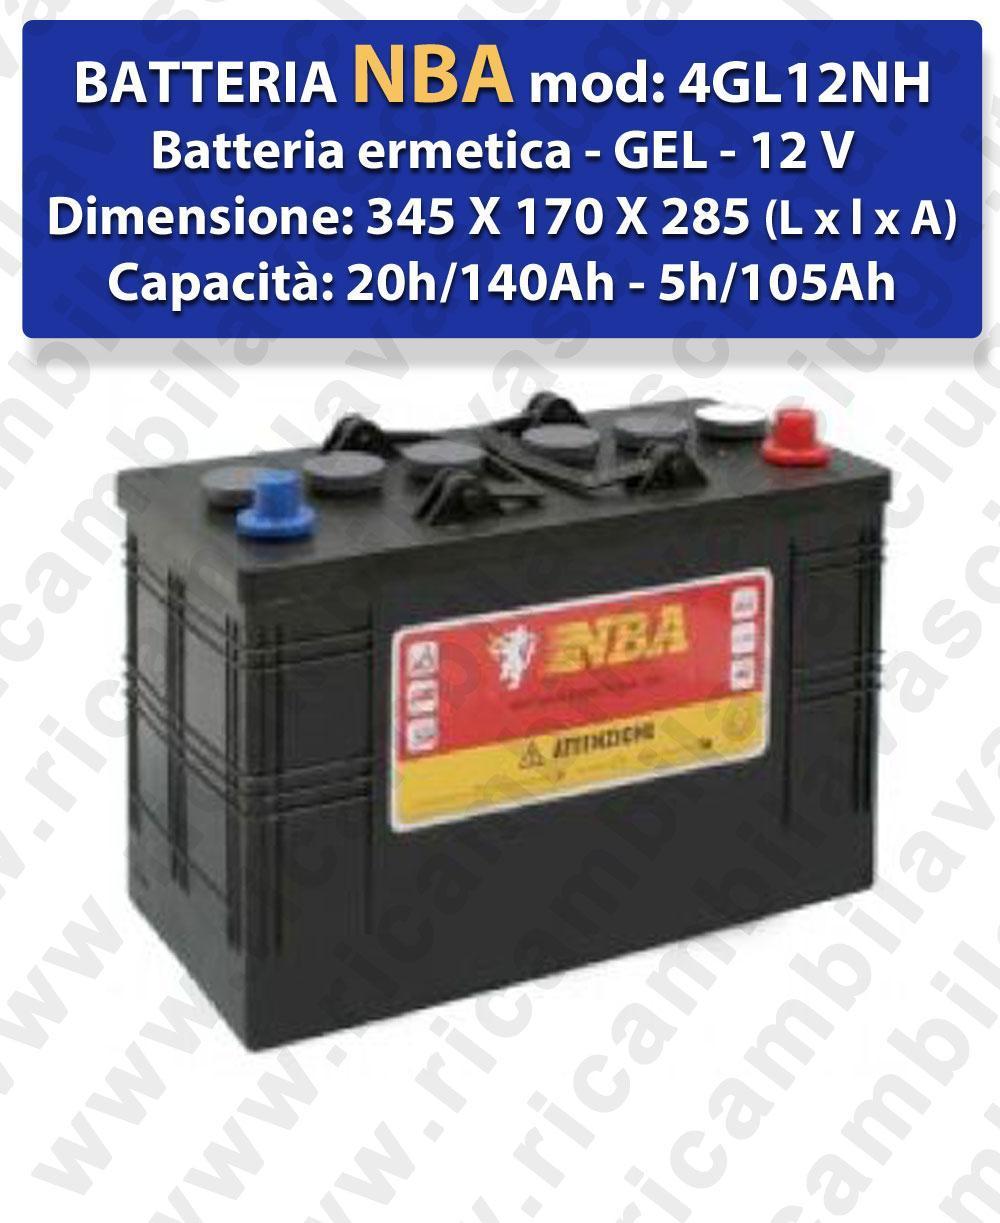 4GL12NH Battery Ermetica GEL  - NBA 12V 140Ah 20/h